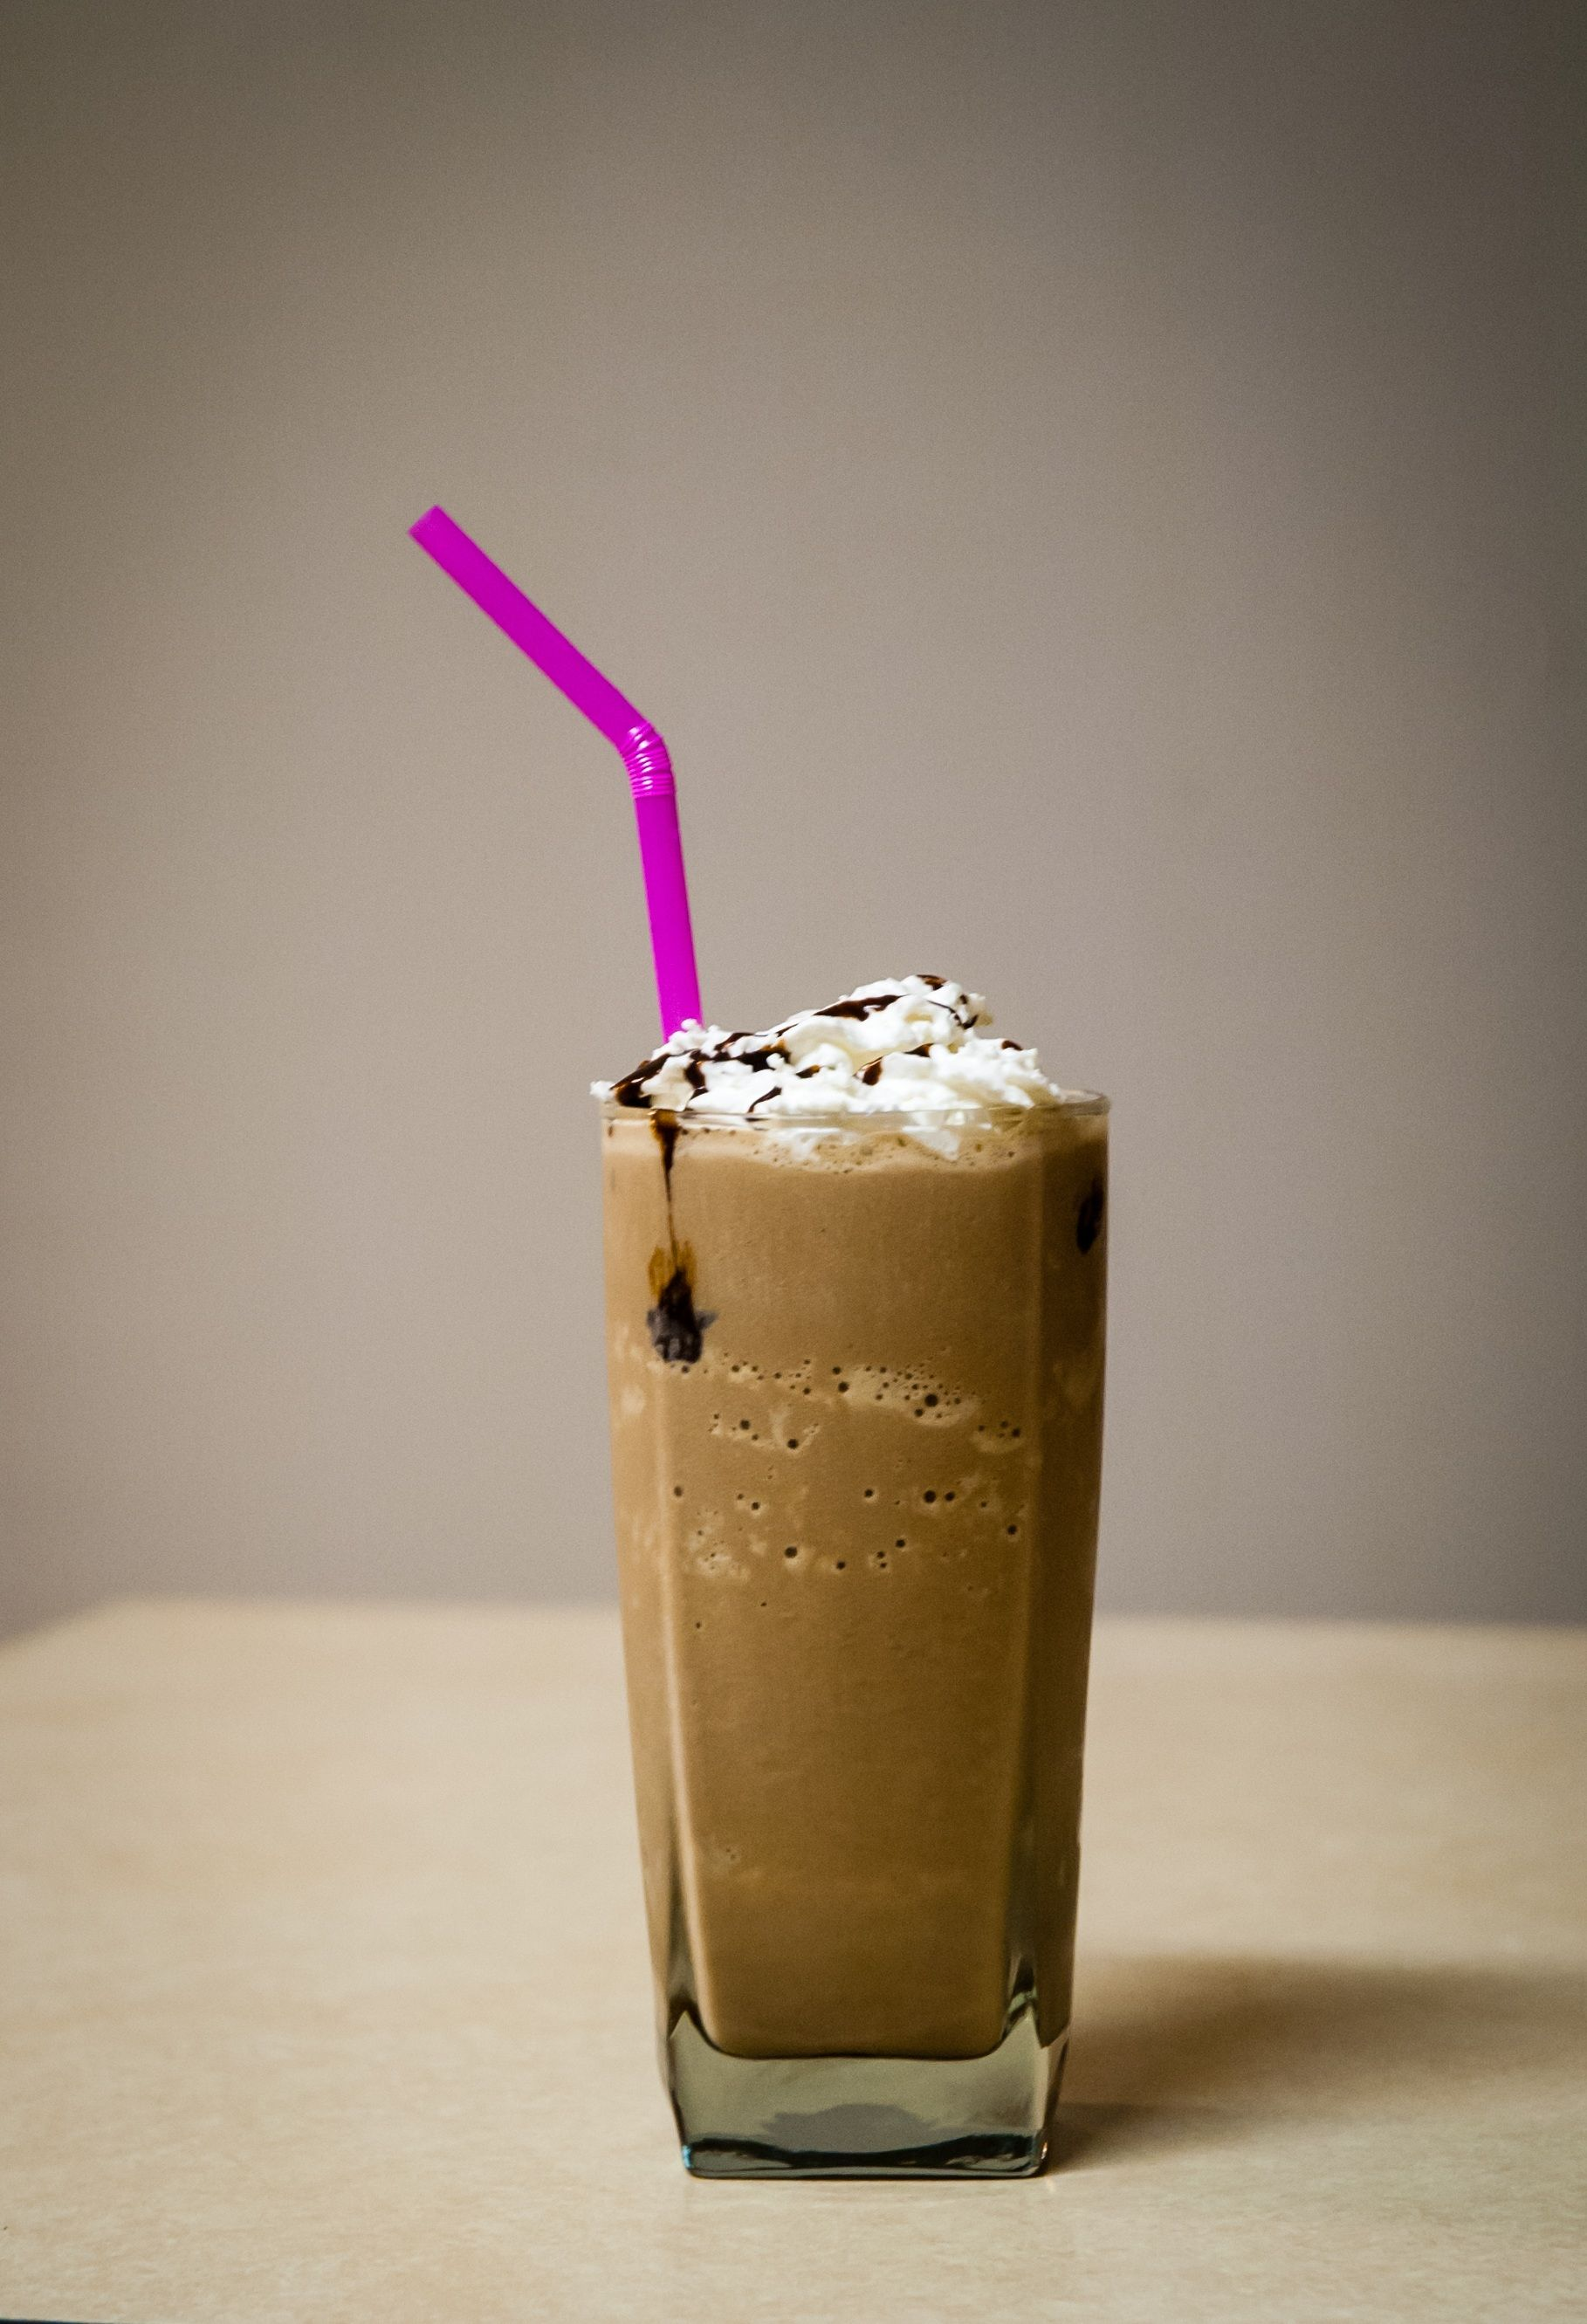 Coffee Keto Shake Keto Recipes Low Carb Smoothies